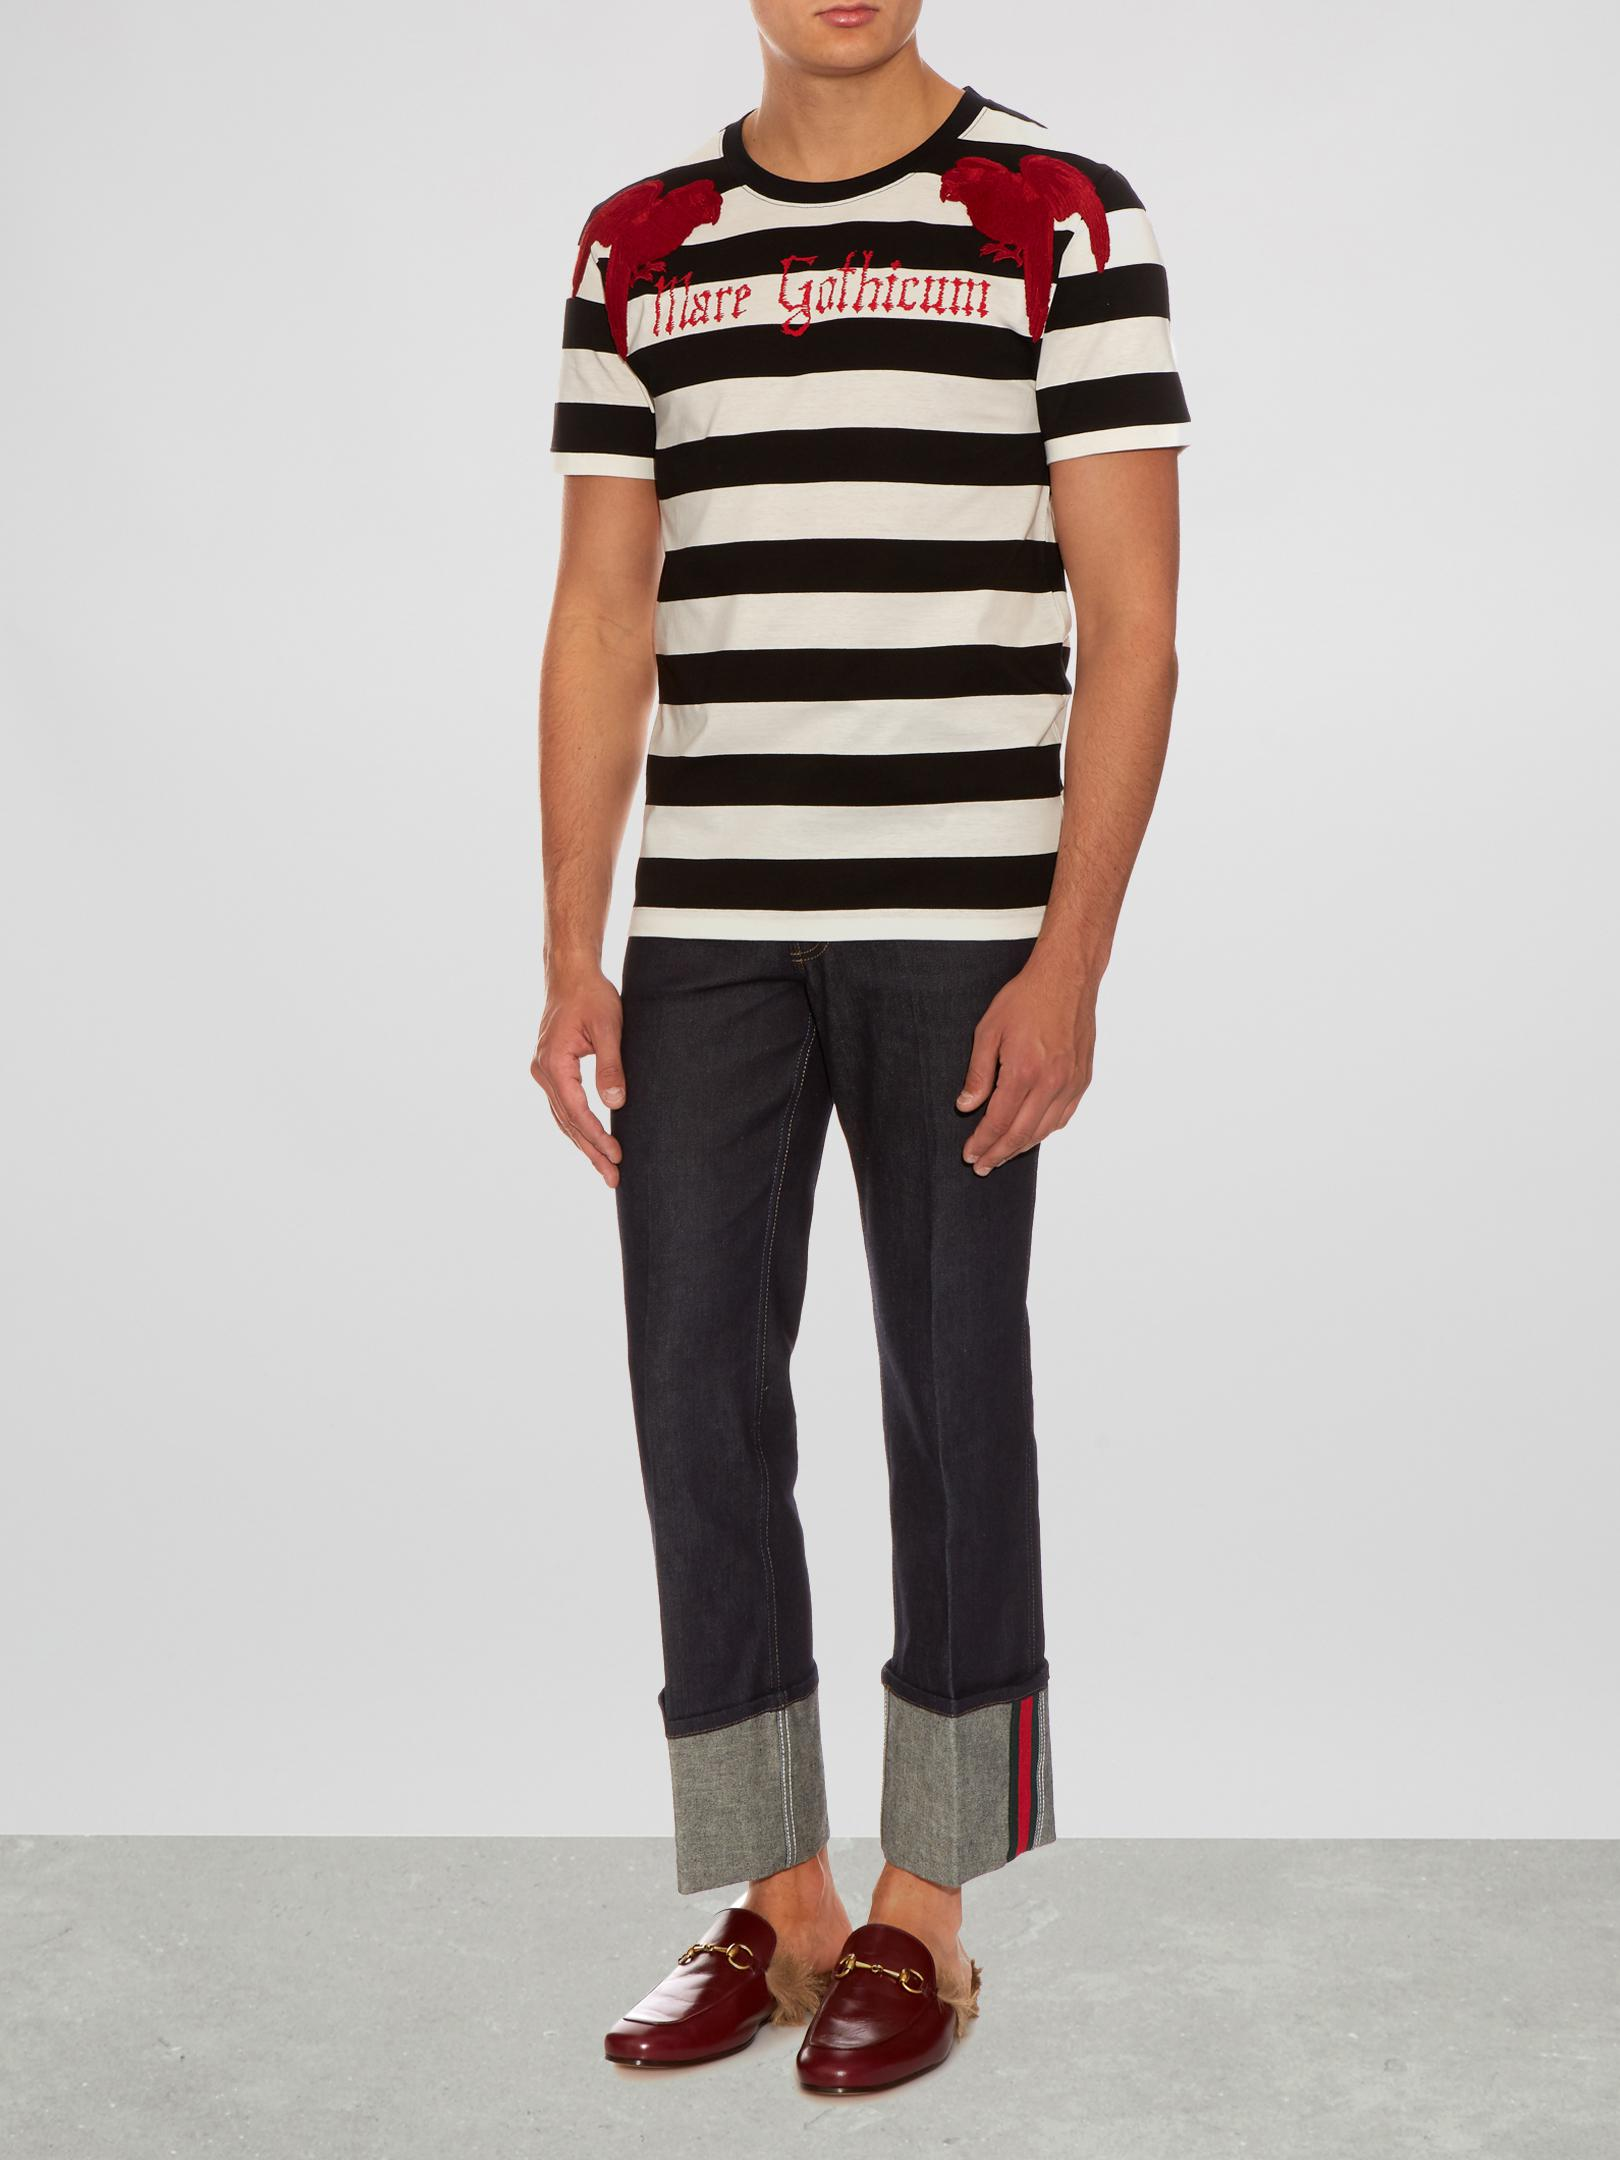 5589c1fcb Gucci Parrot-appliqué Striped Cotton T-shirt in Black for Men - Lyst